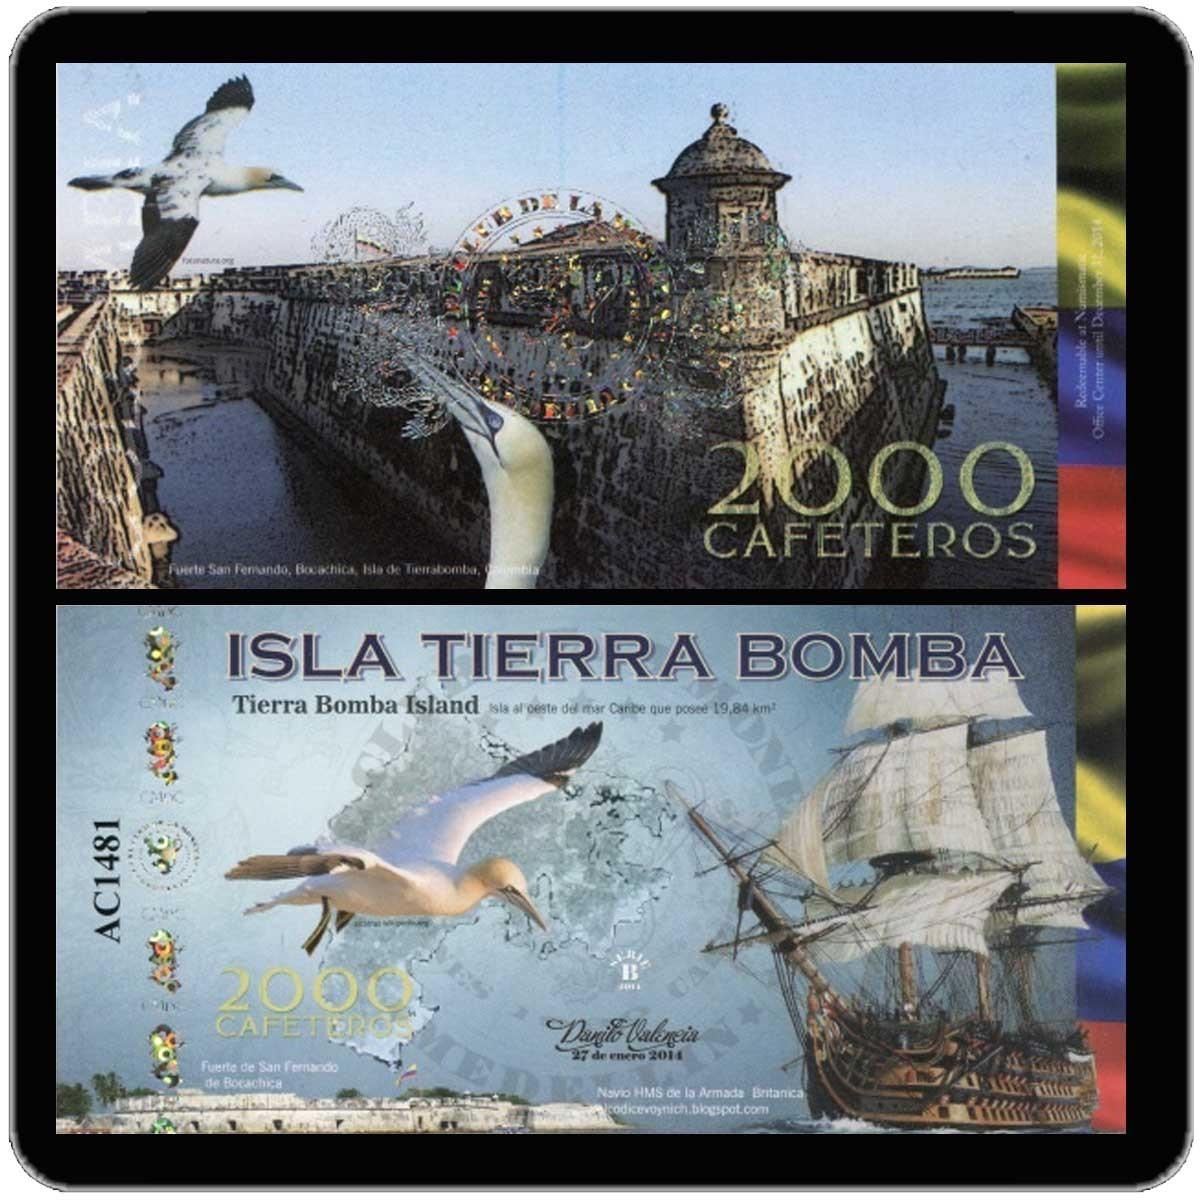 Колумбия 2000 кафетерос 2014 года (юбилейная банкнота) код 0323